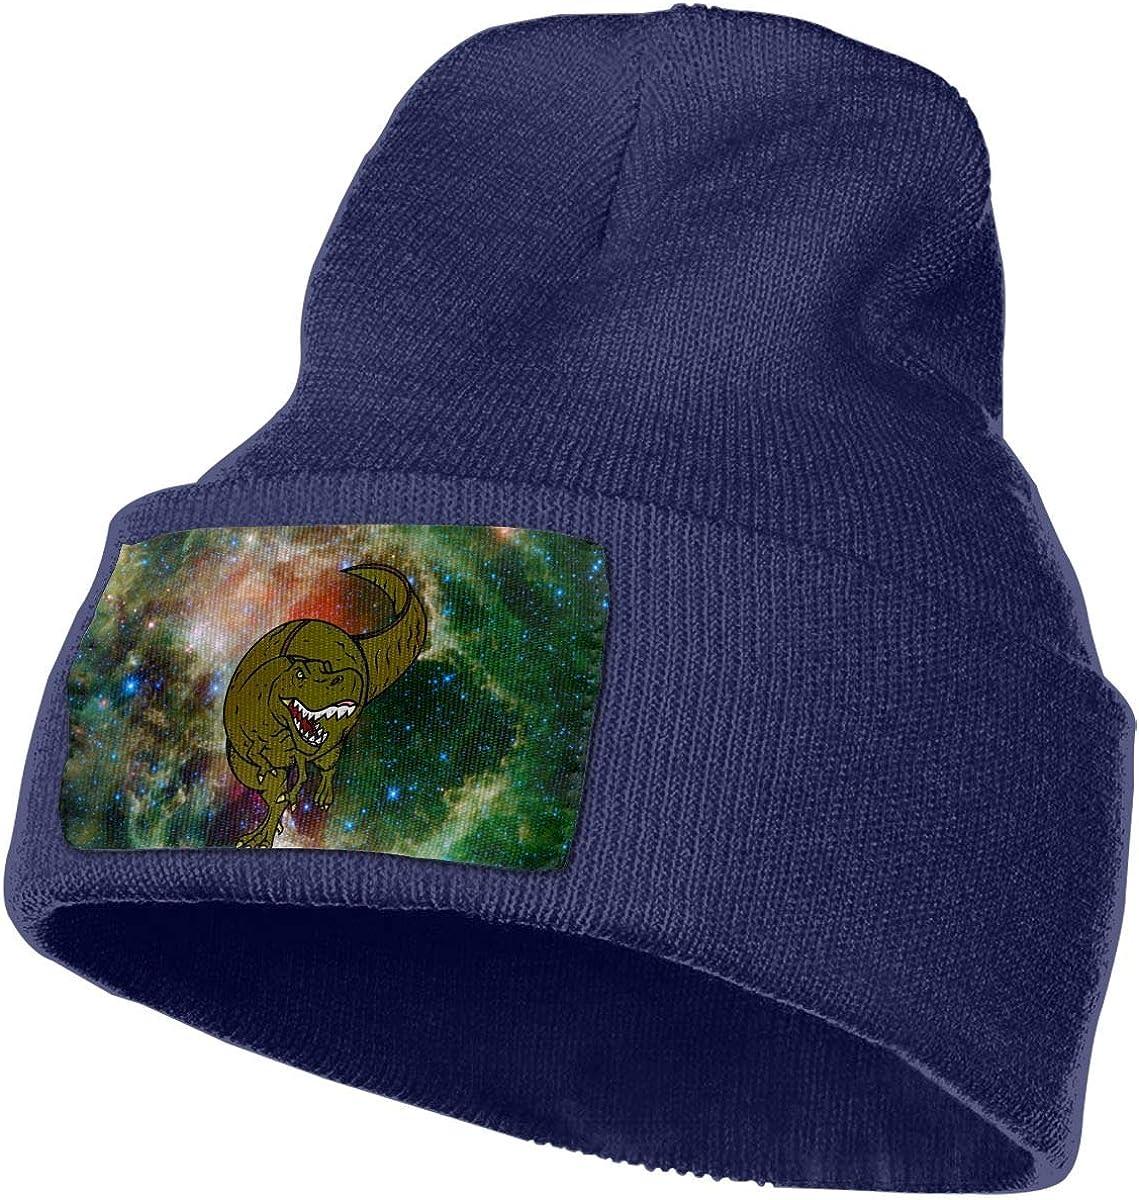 Helidoud Cretaceous Dinosaur Winter Beanie Hat Knit Hat Cap for for Men /& Women